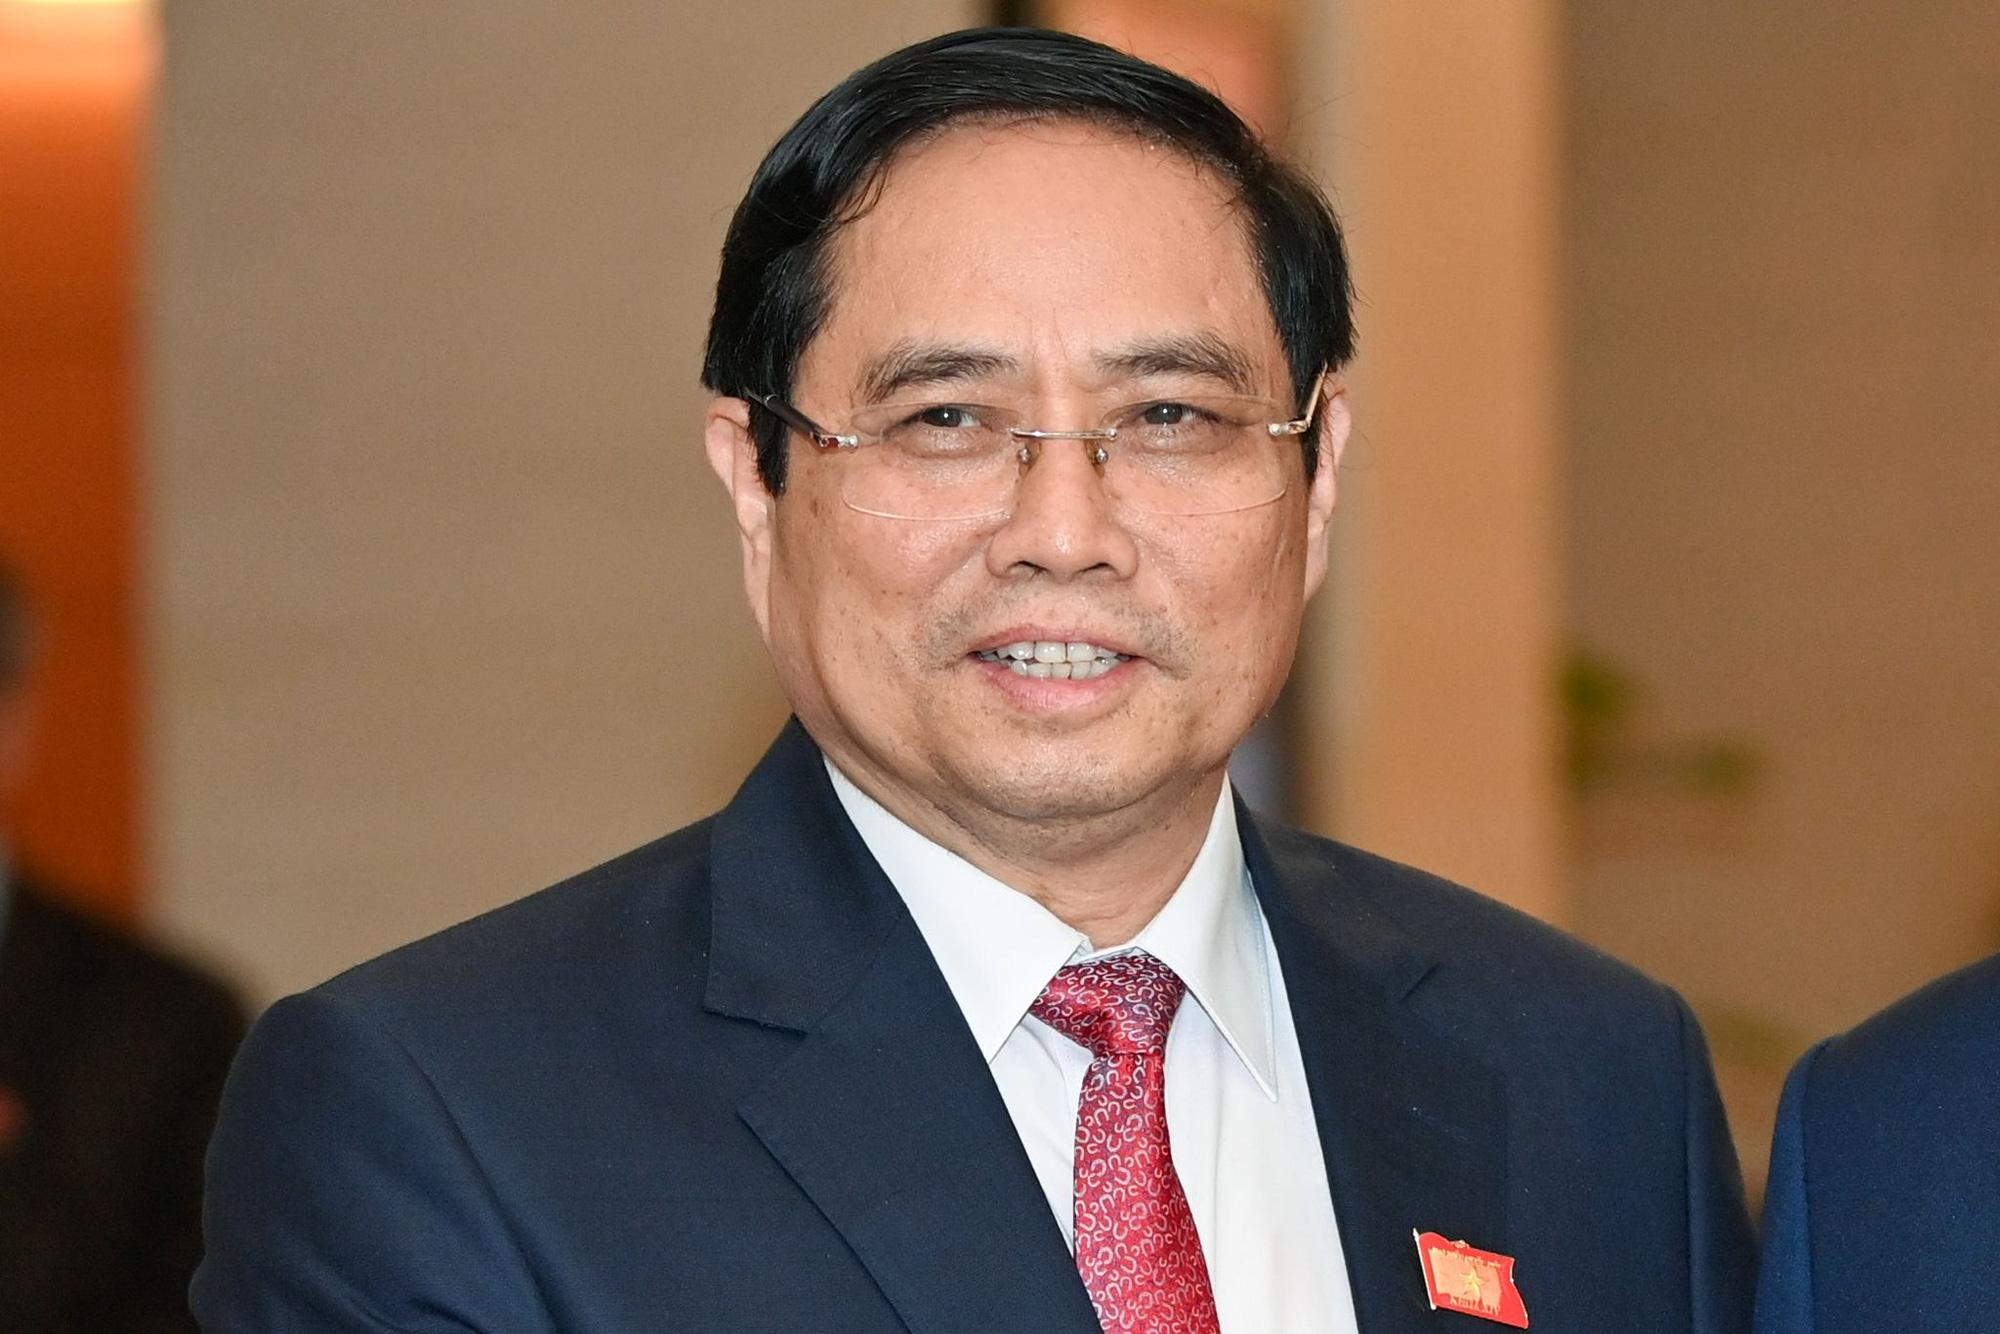 Thách thức phát triển kinh tế số với tân Thủ tướng Phạm Minh Chính  - Ảnh 3.